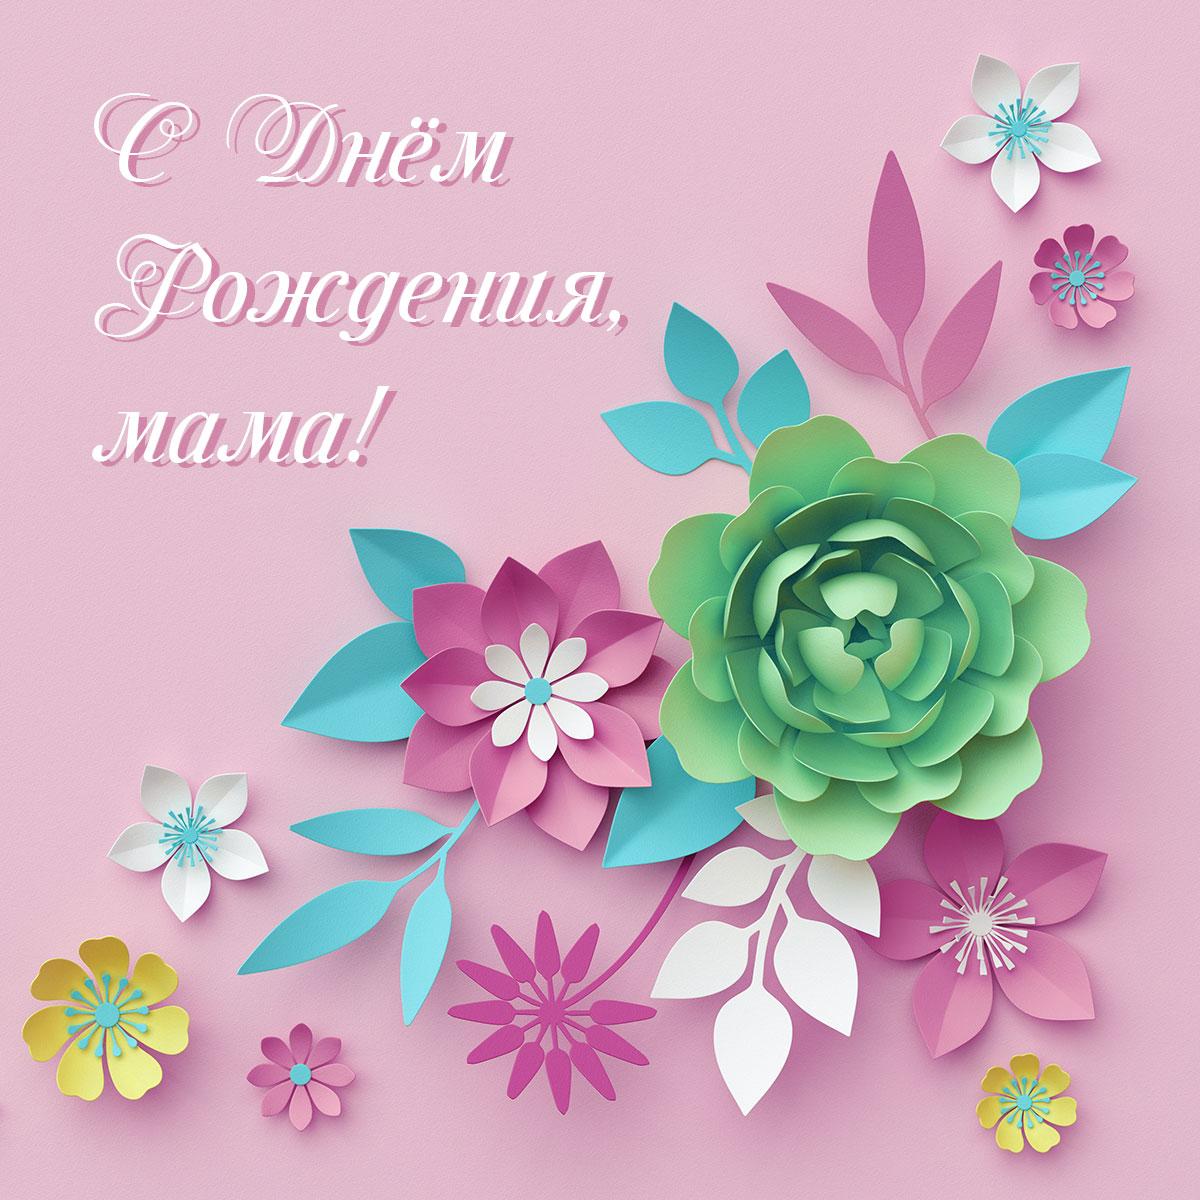 Розовая открытка маме на день рождения с цветами из художественной бумаги.